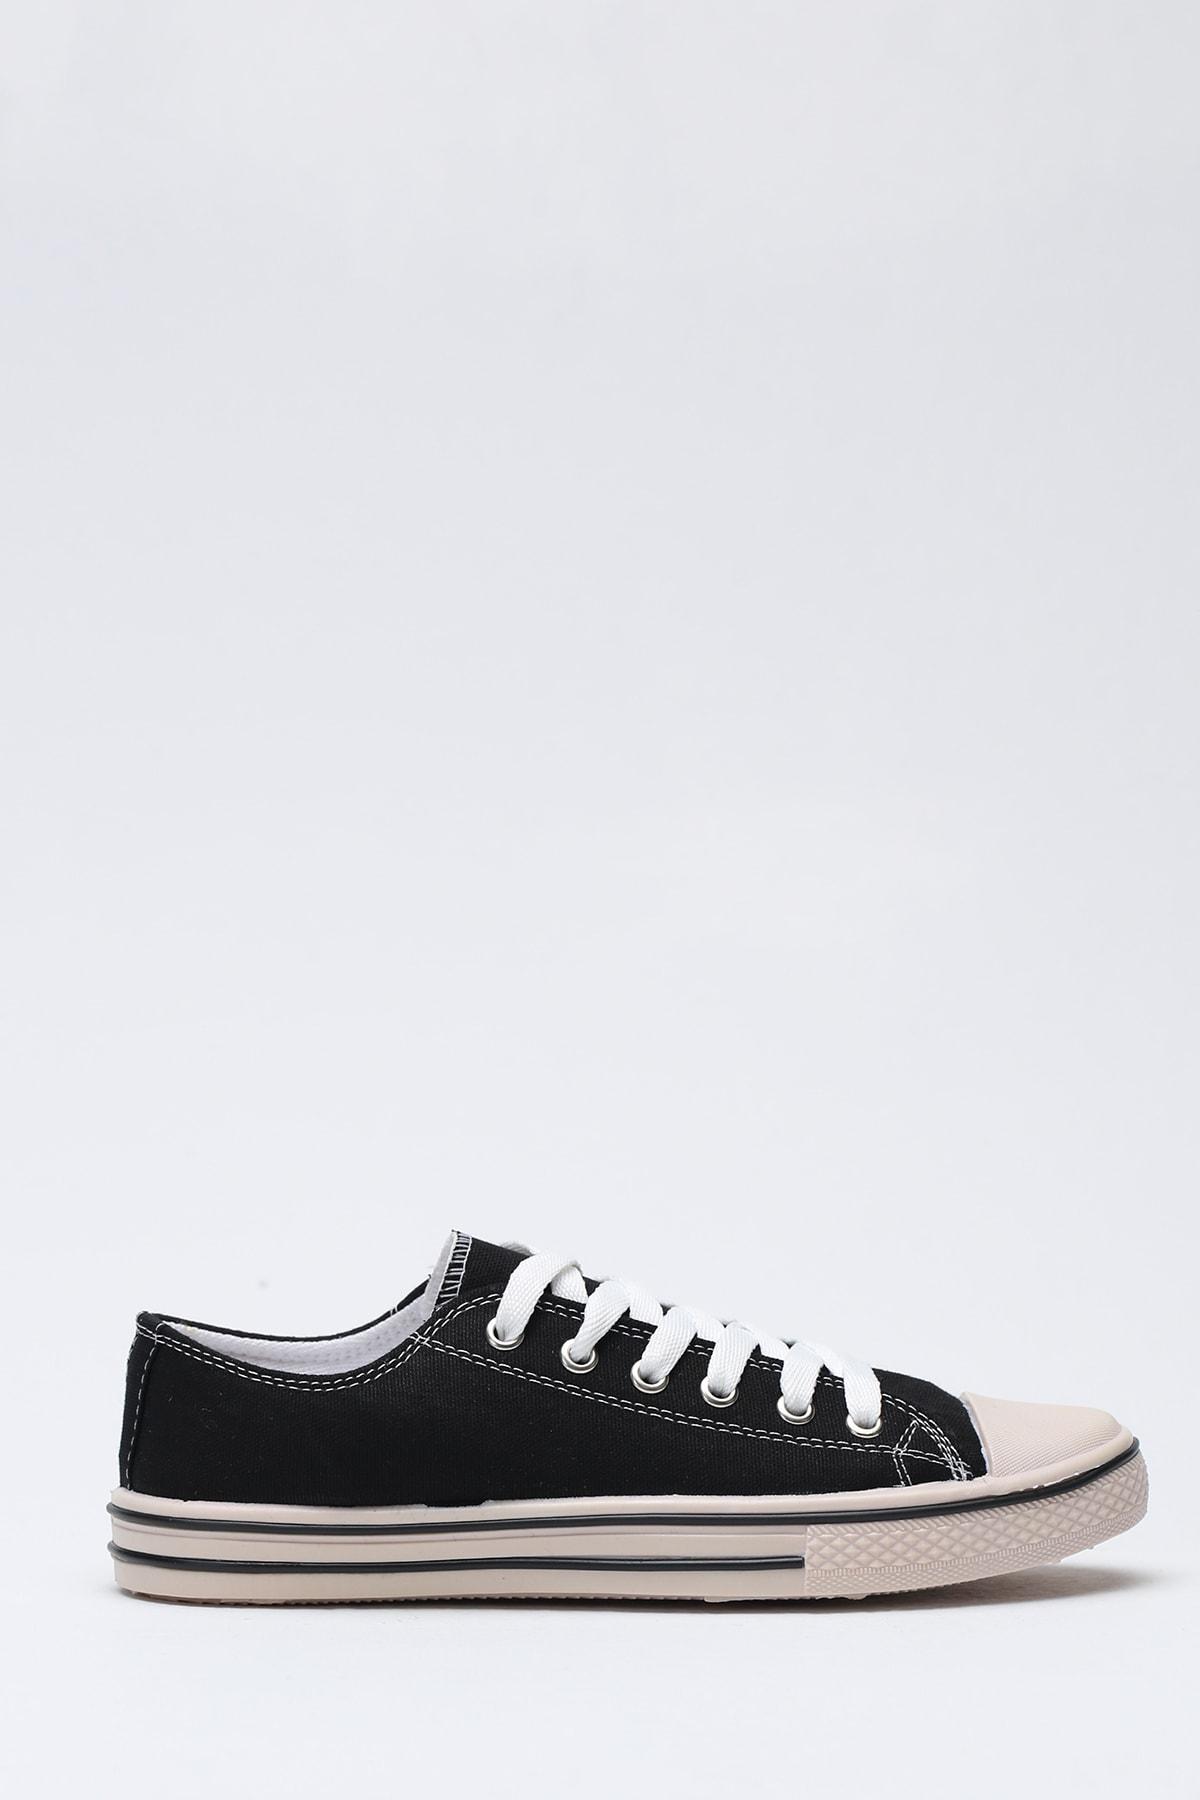 Ayakkabı Modası Siyah Krem Kadın Ayakkabı M9999-19-100165R 1